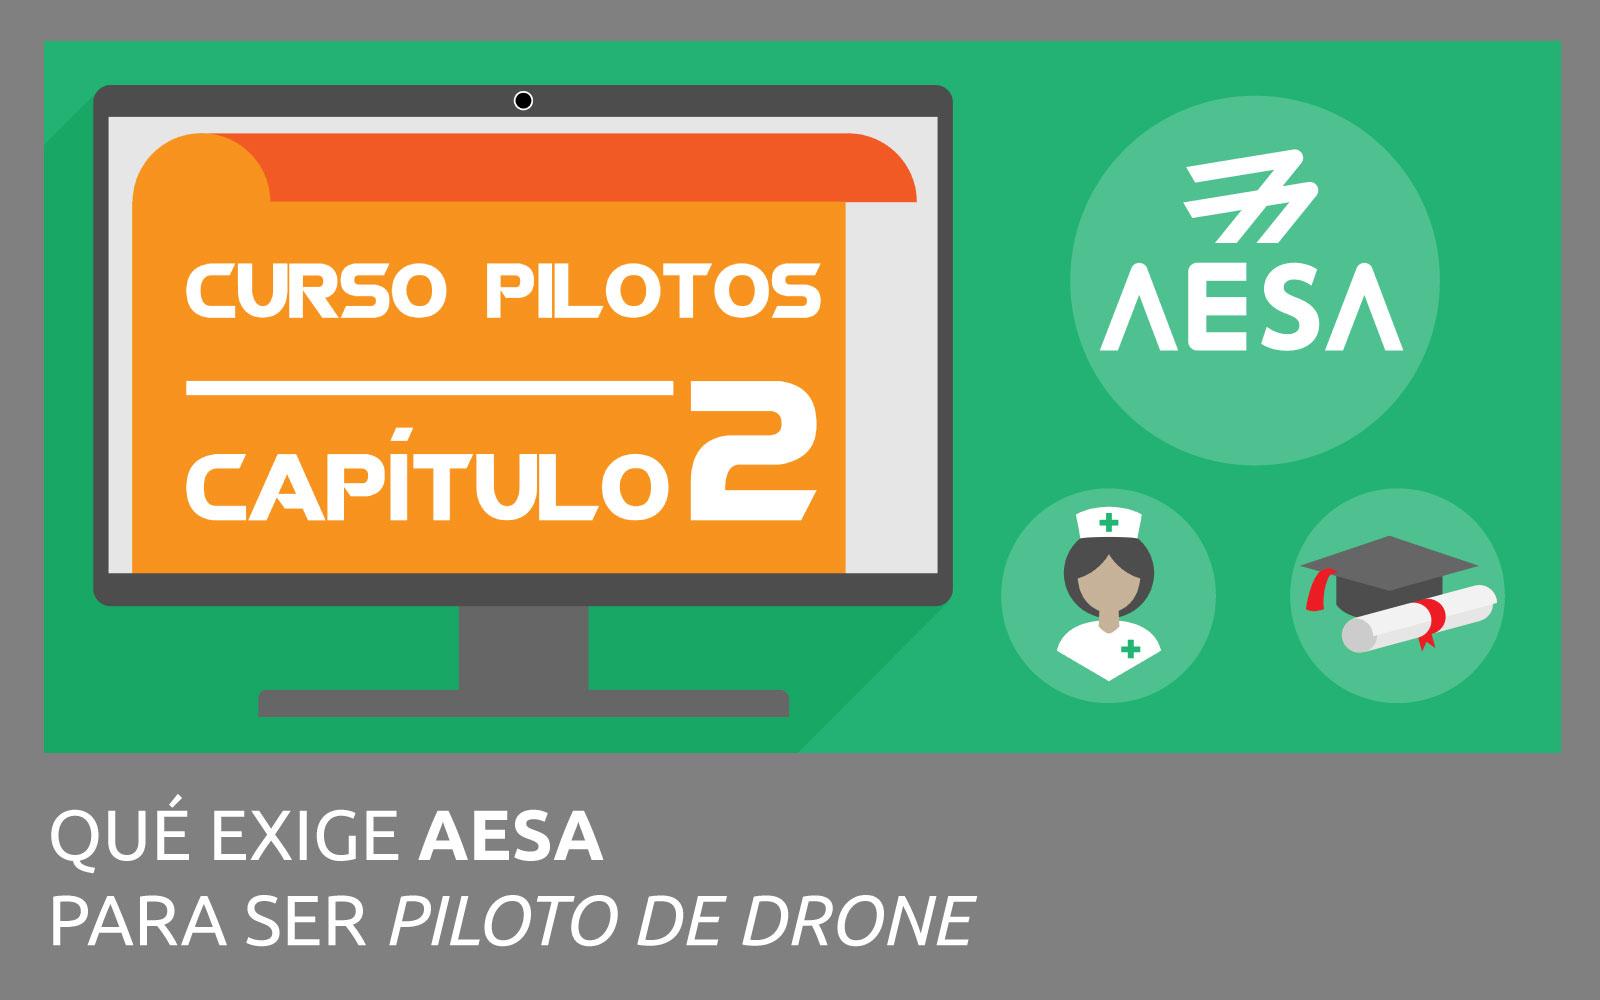 Curso piloto drone capítulo 2